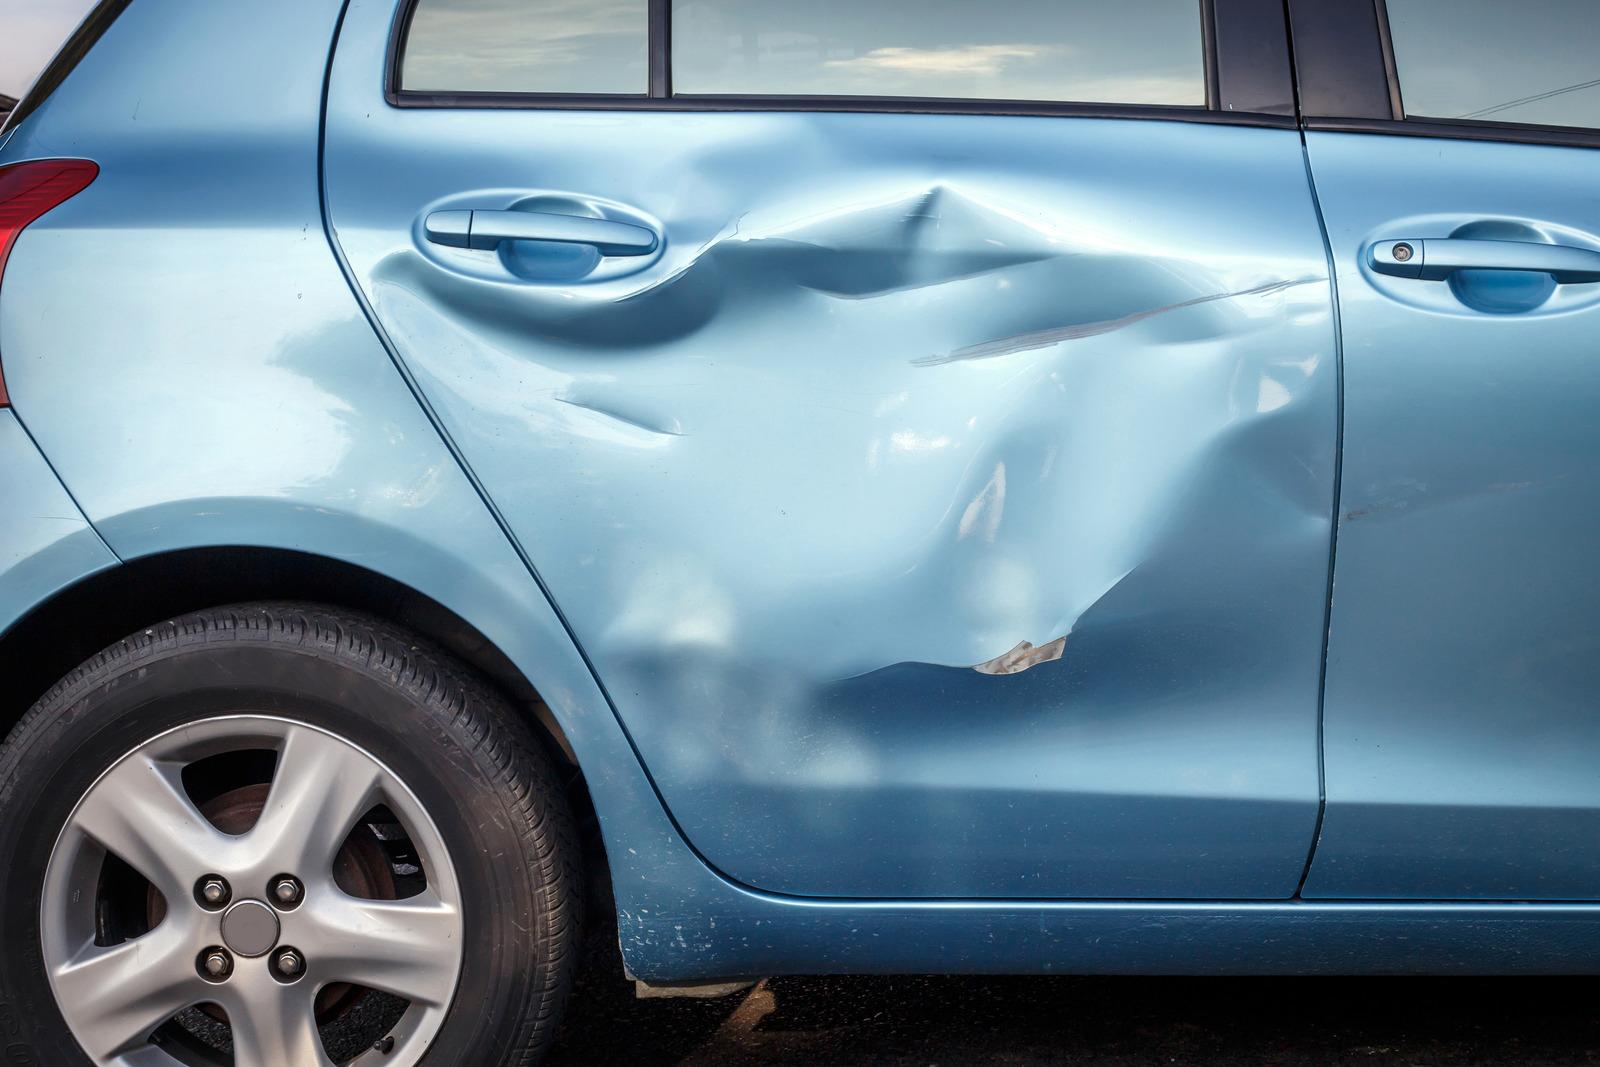 תאונות פגע וברח  - כשזה הולך ומסתבך